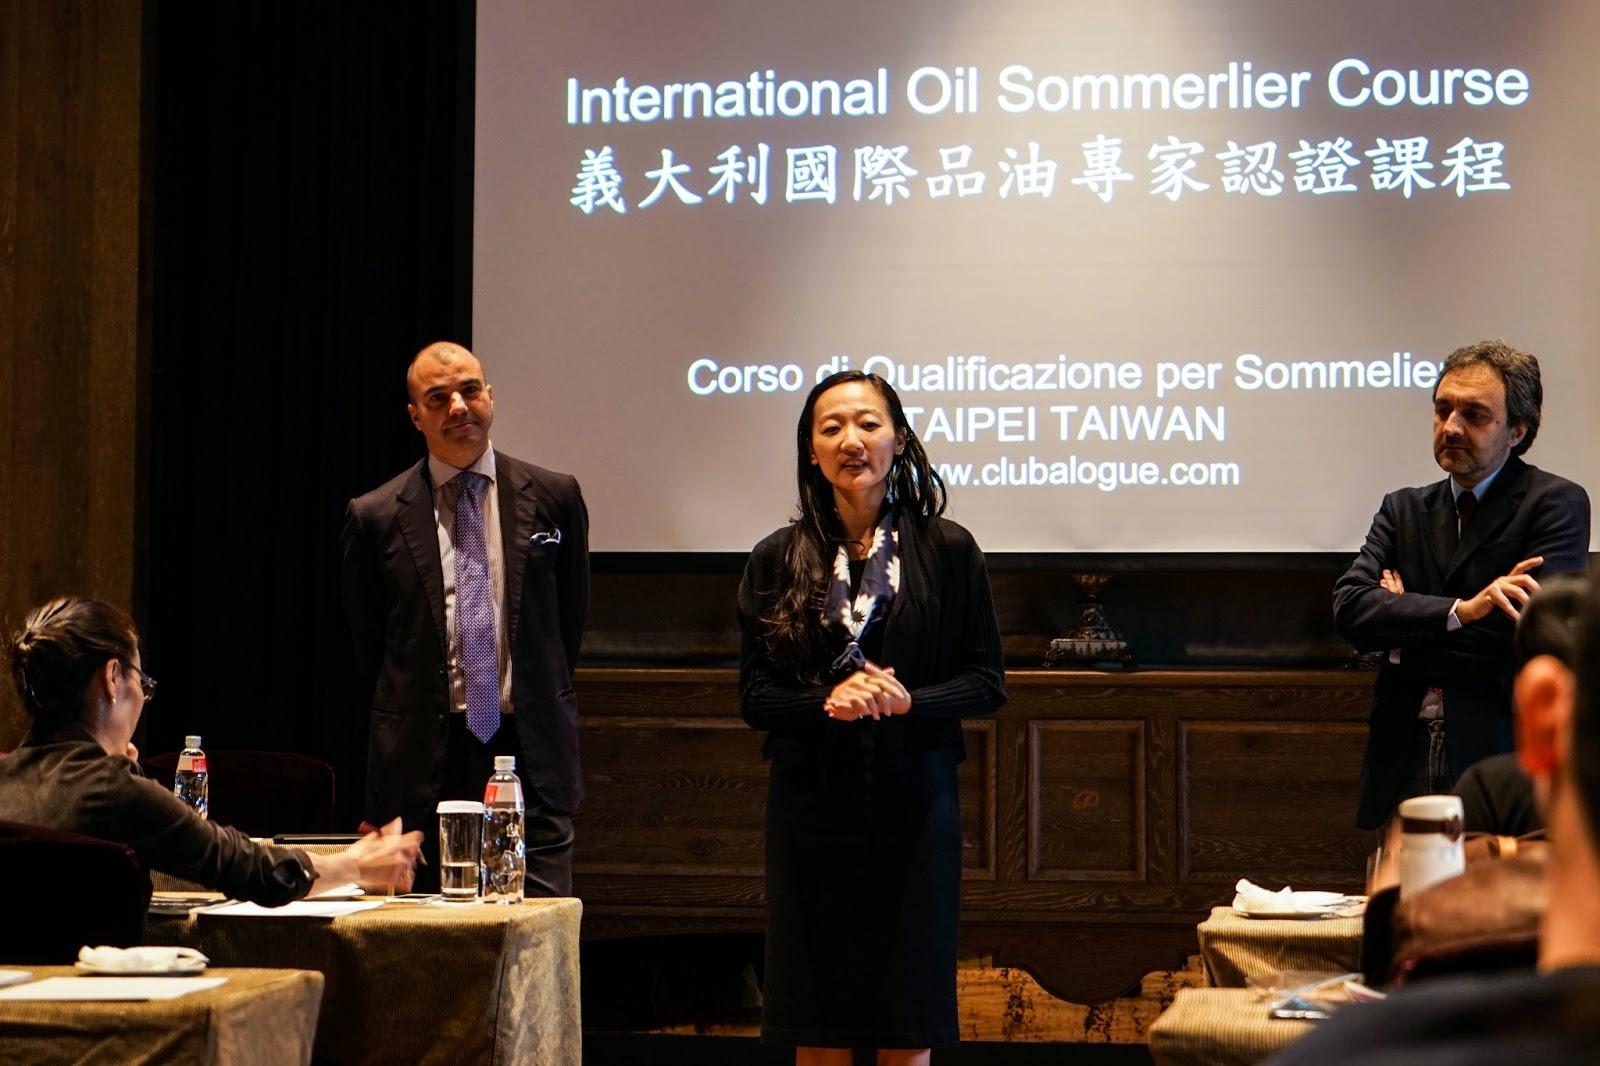 橄欖油的味道是什麼?義大利國際品油專家認證課程初體驗!